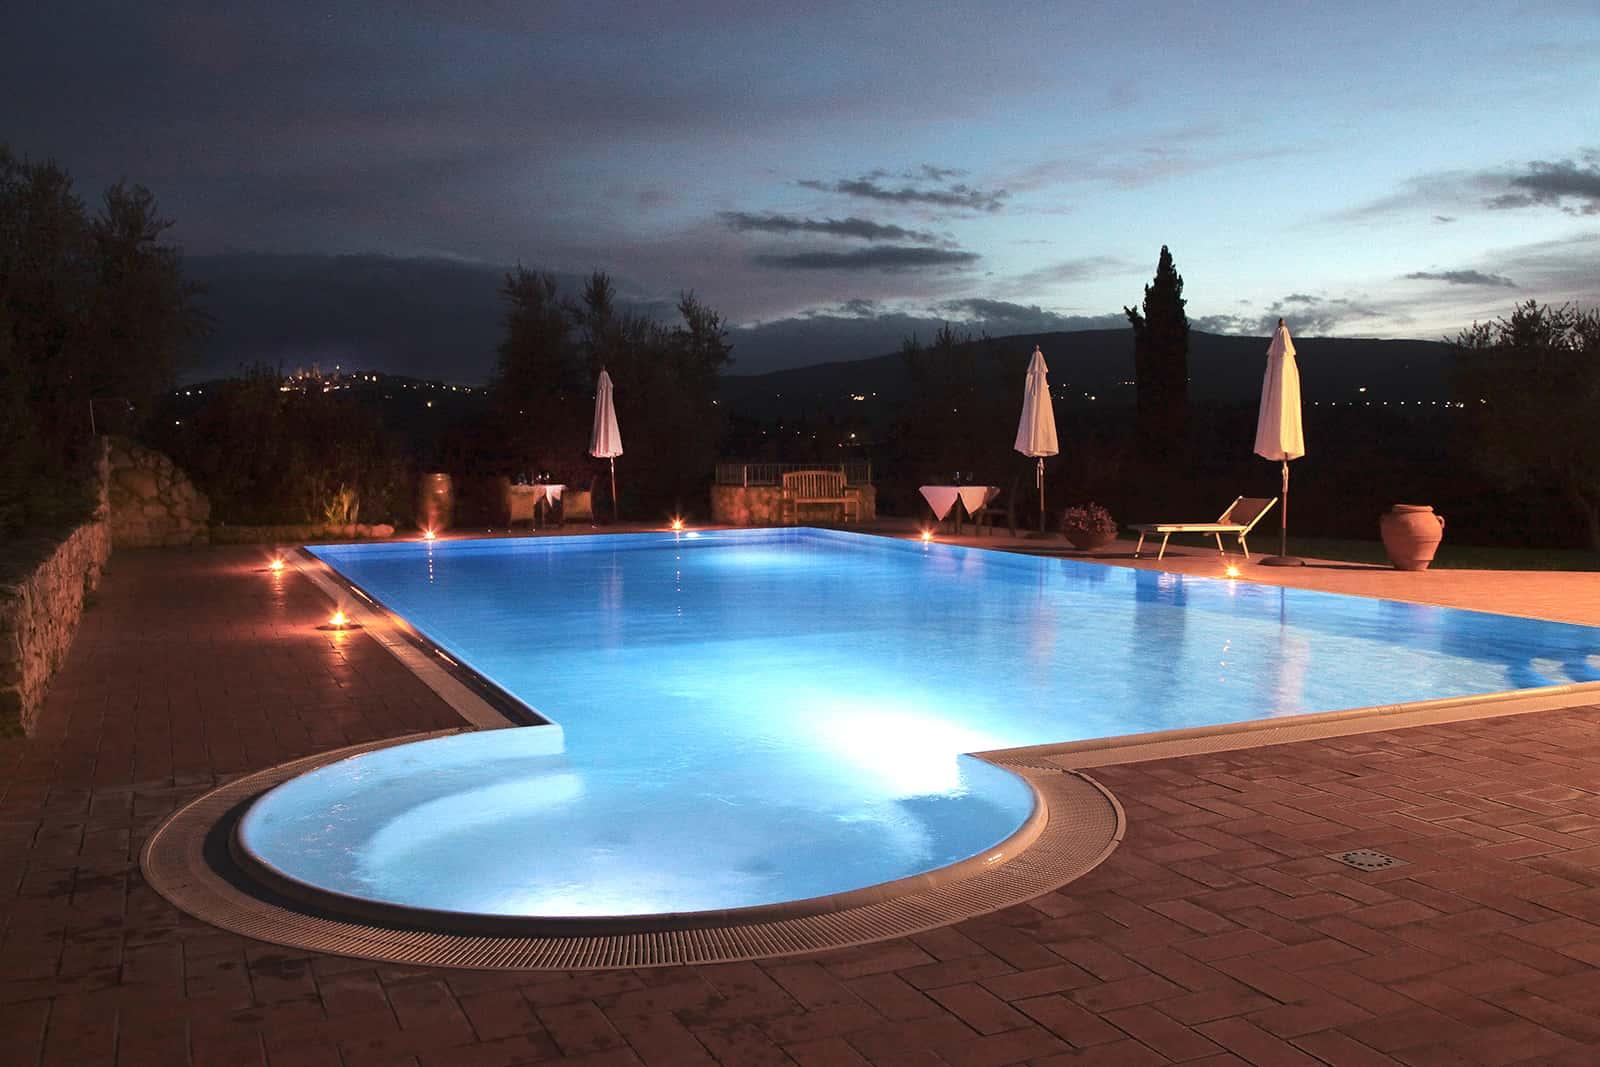 dimora-gallery-mormoraia-agriturismo-hotel-vacanza-bb-relax-casale-outdoor-piscina-3.jpg